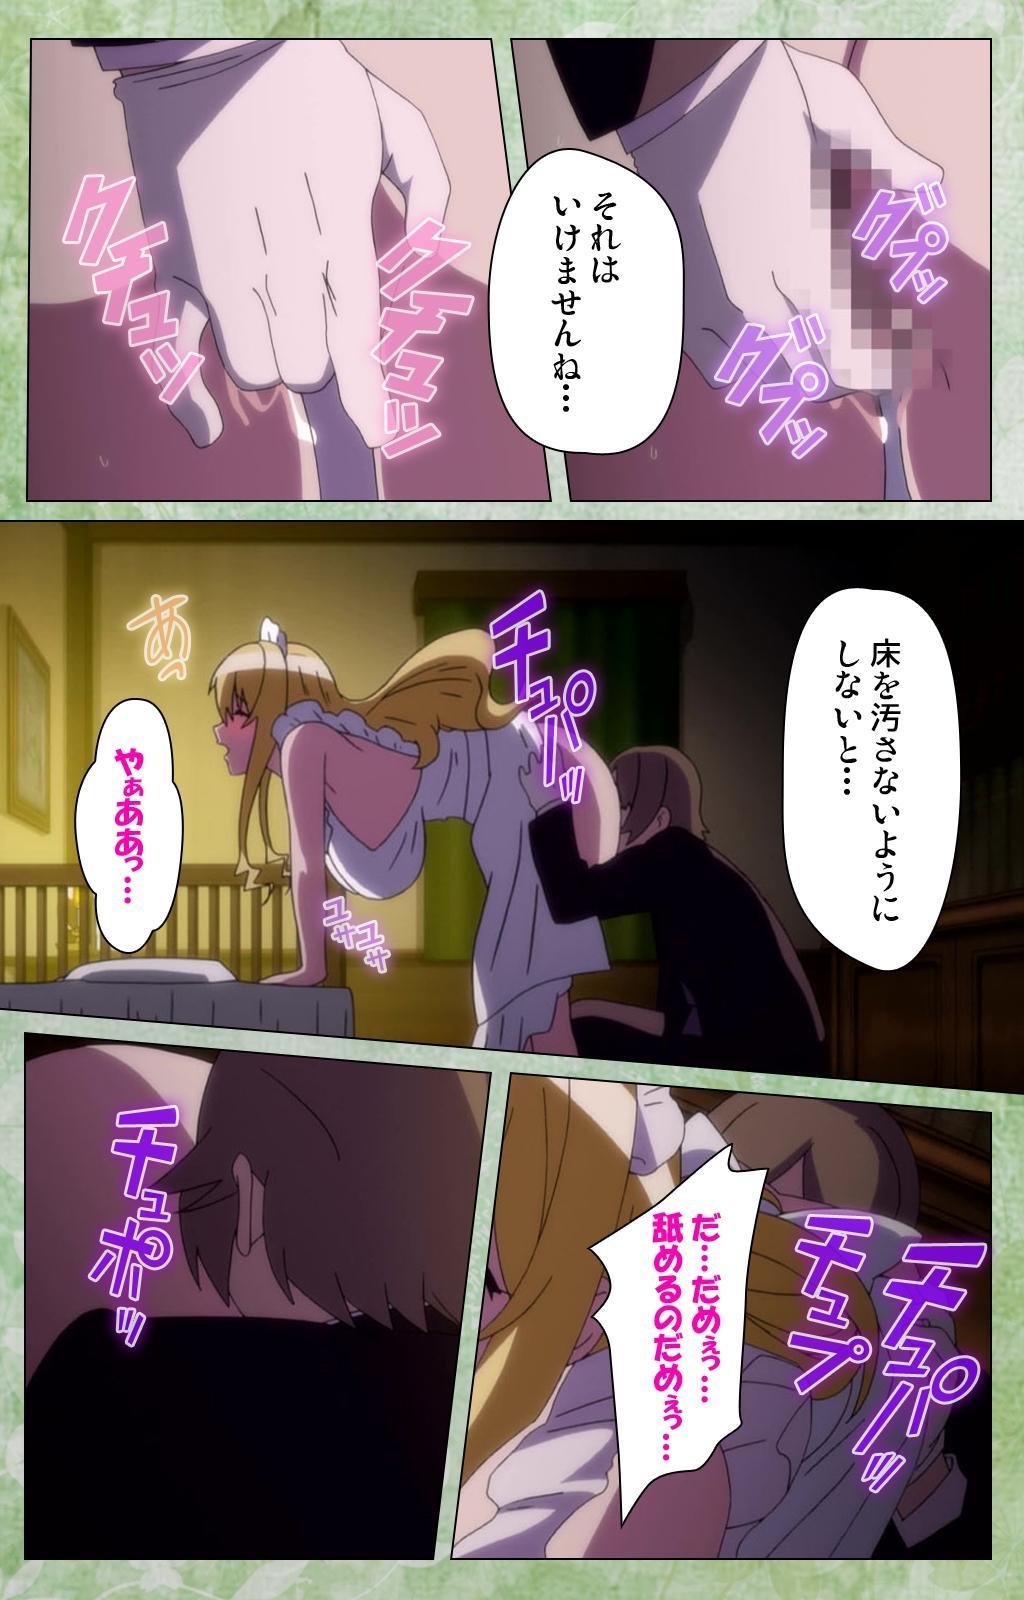 [Shiokonbu] Koimaguwai ~Ikoku na Retoro~ Complete Ban [Digital] 101